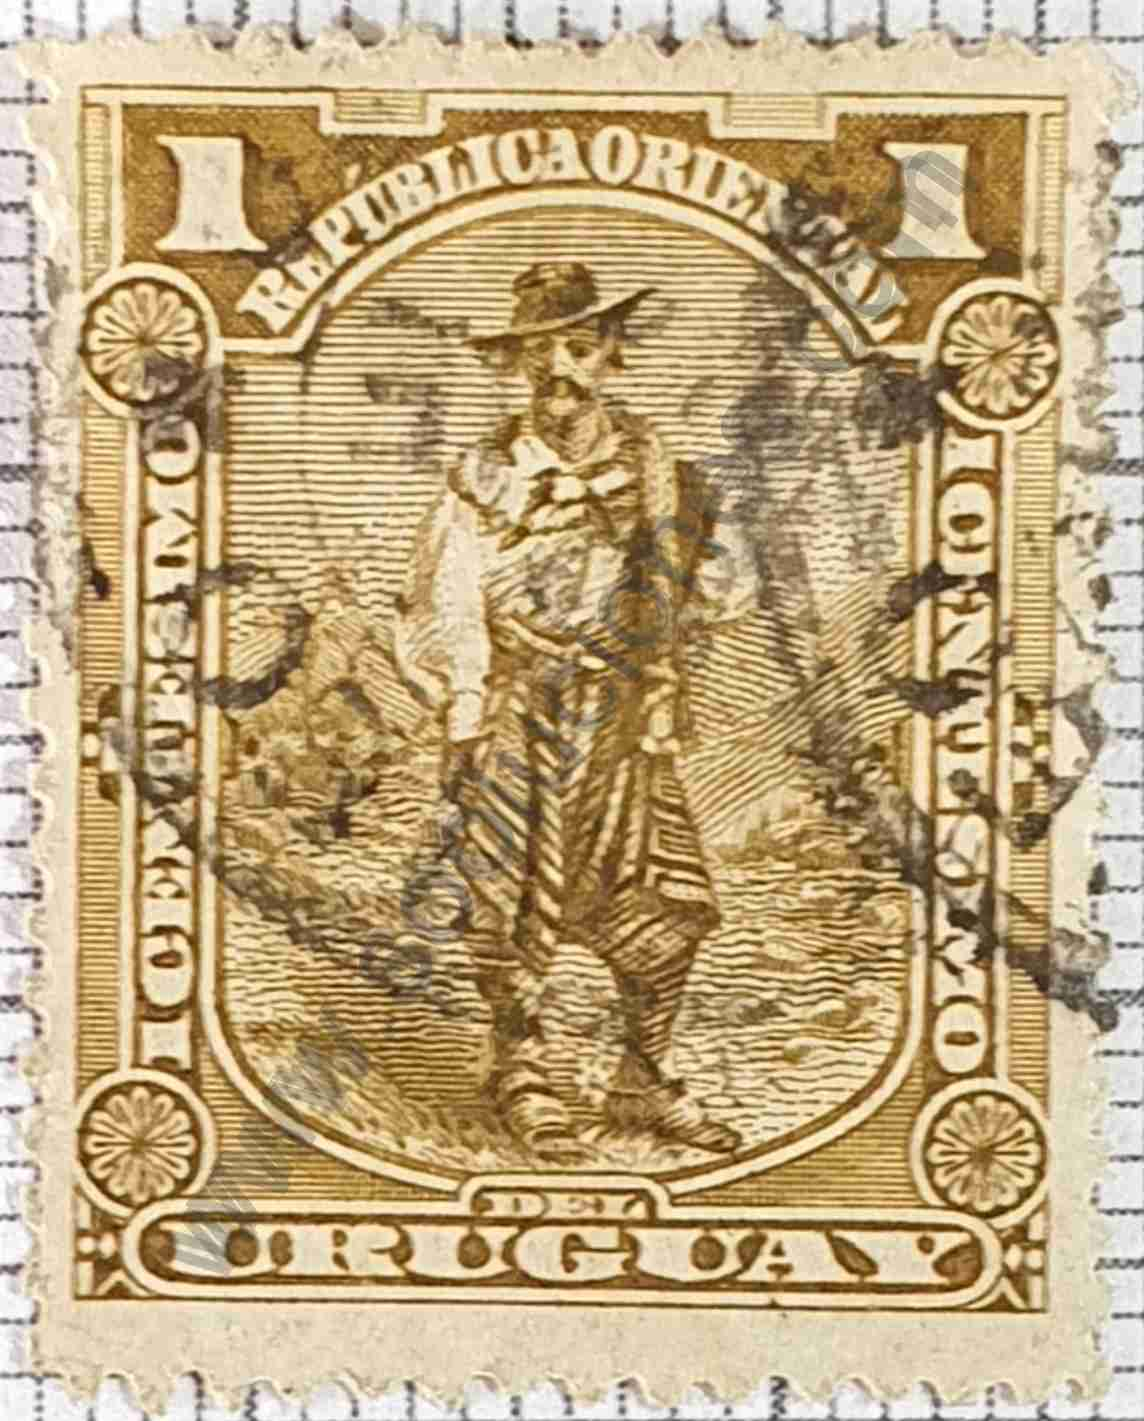 Sello El Gaucho - Uruguay 1895